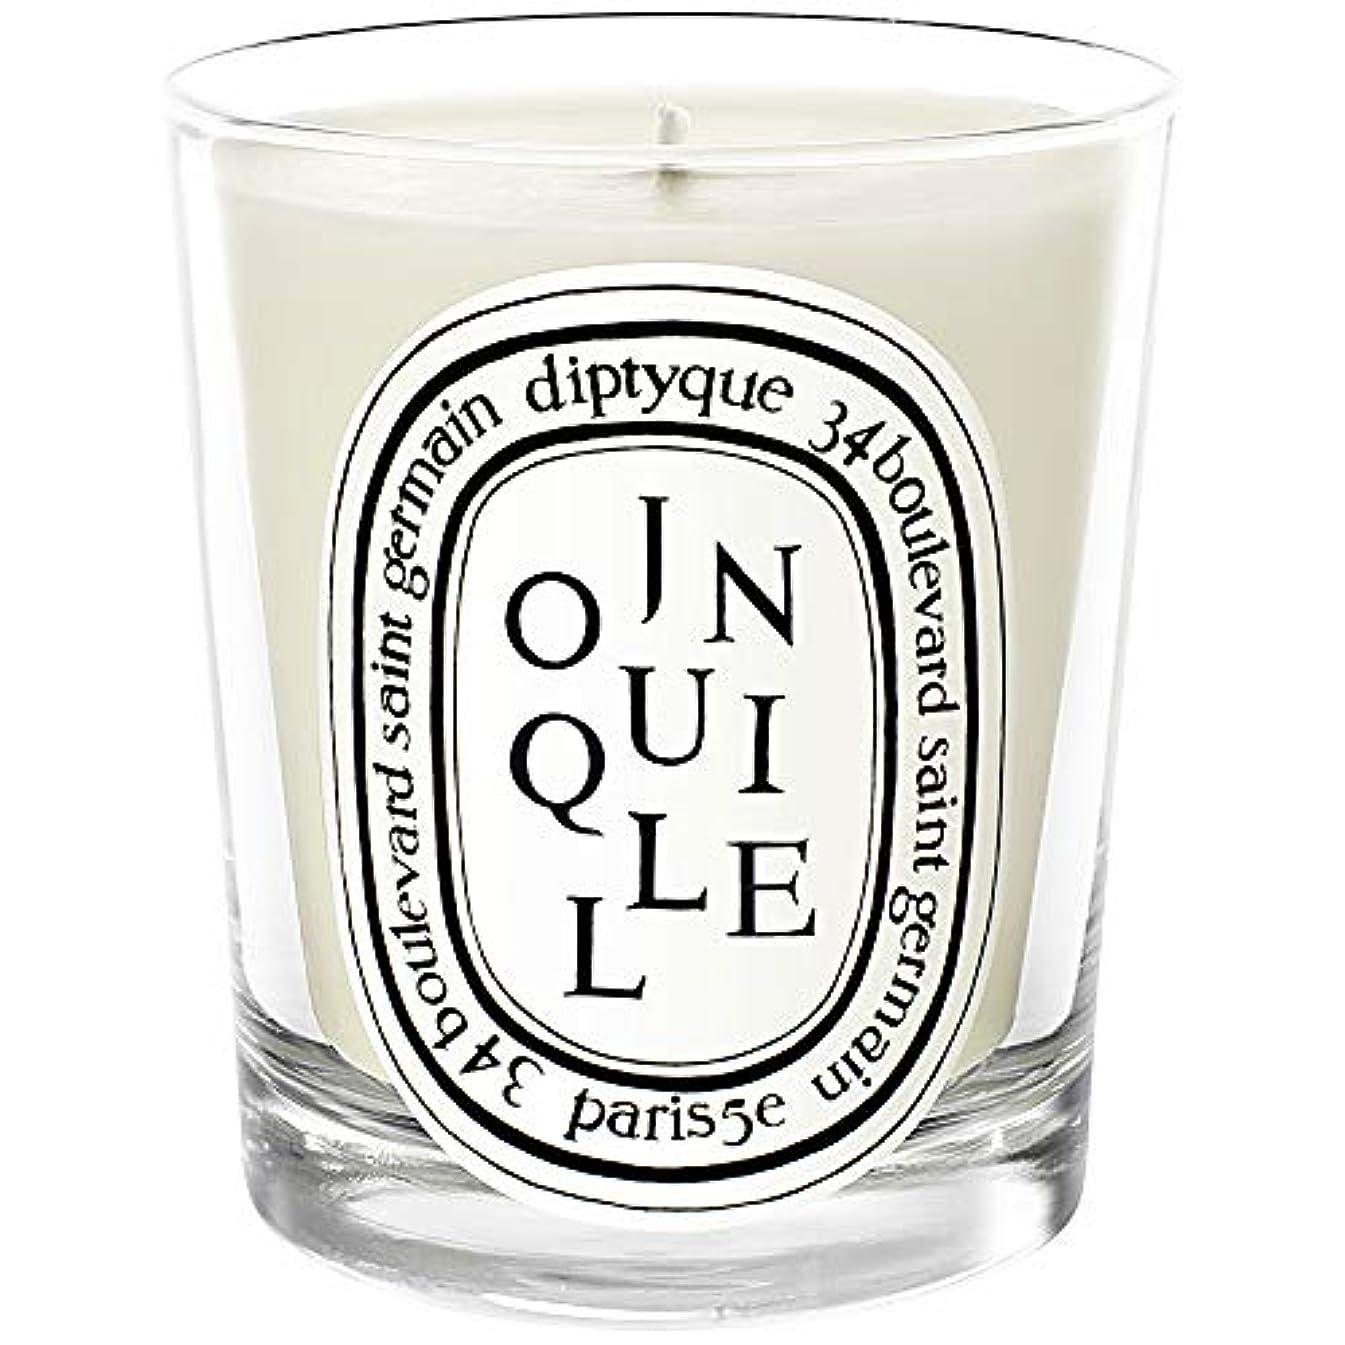 紀元前経度模索[Diptyque] Diptyque Jonquilleキャンドル190グラム - Diptyque Jonquille Candle 190g [並行輸入品]